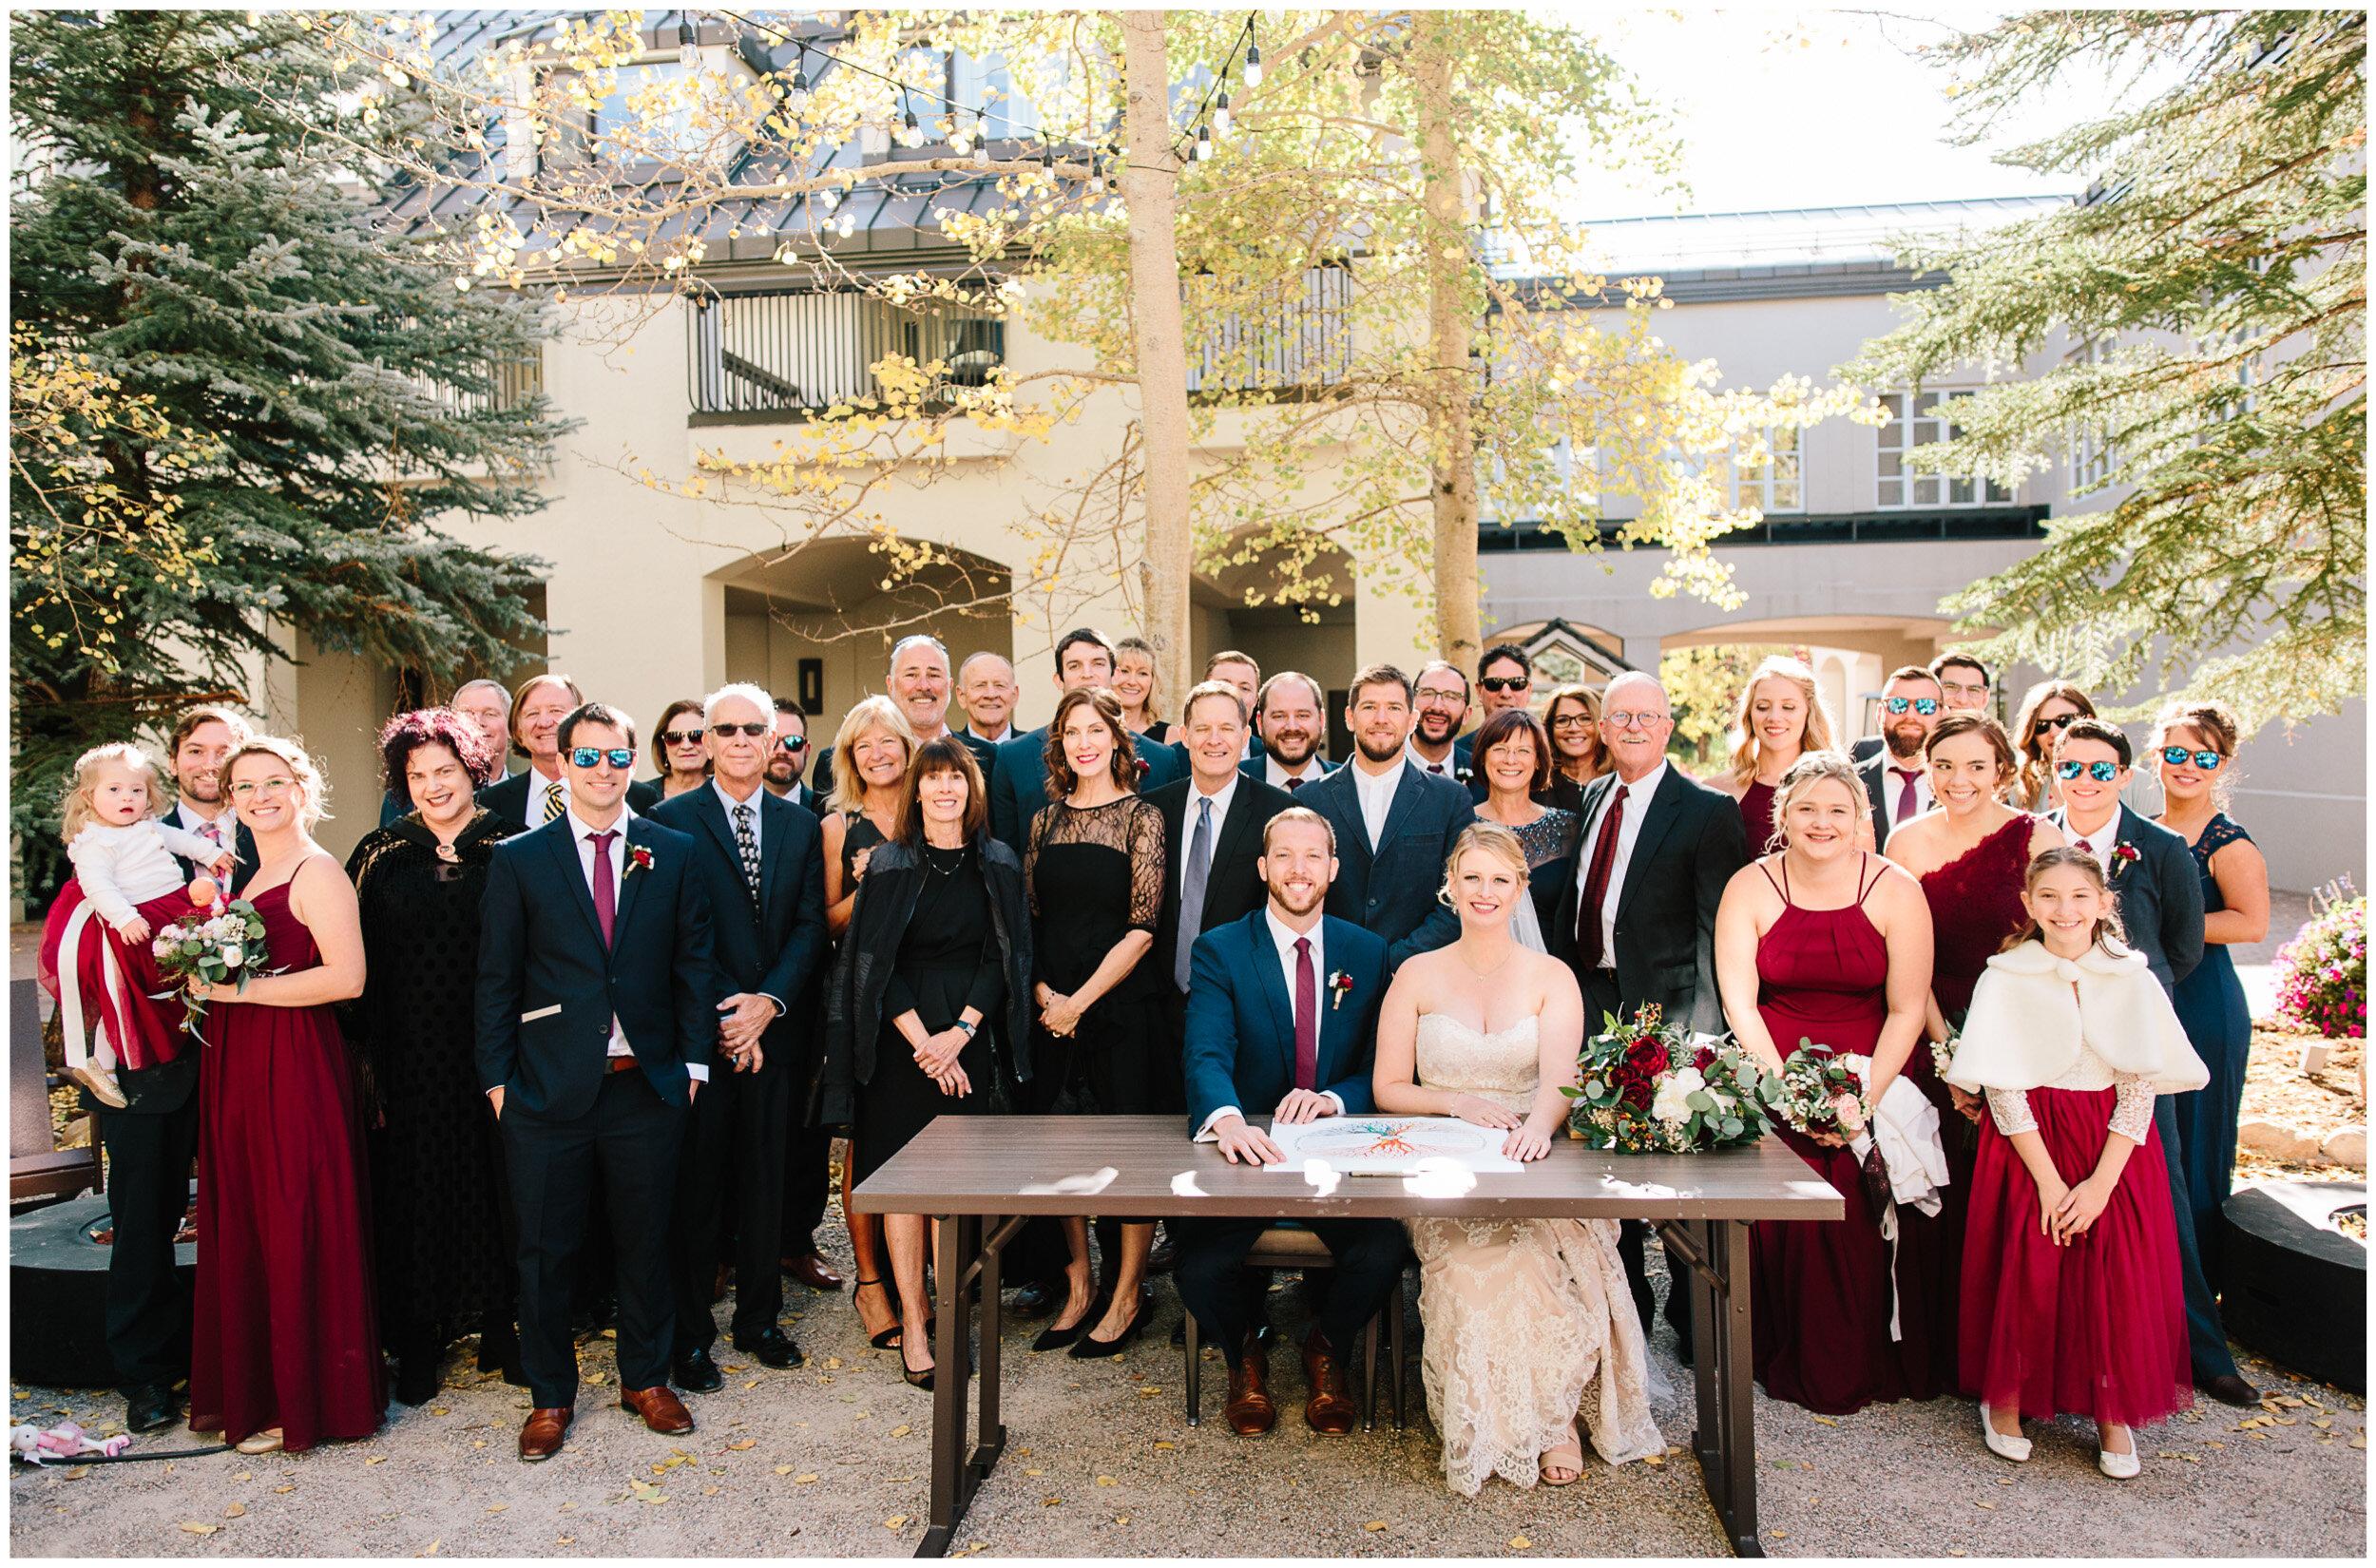 vail_wedding_64.jpg